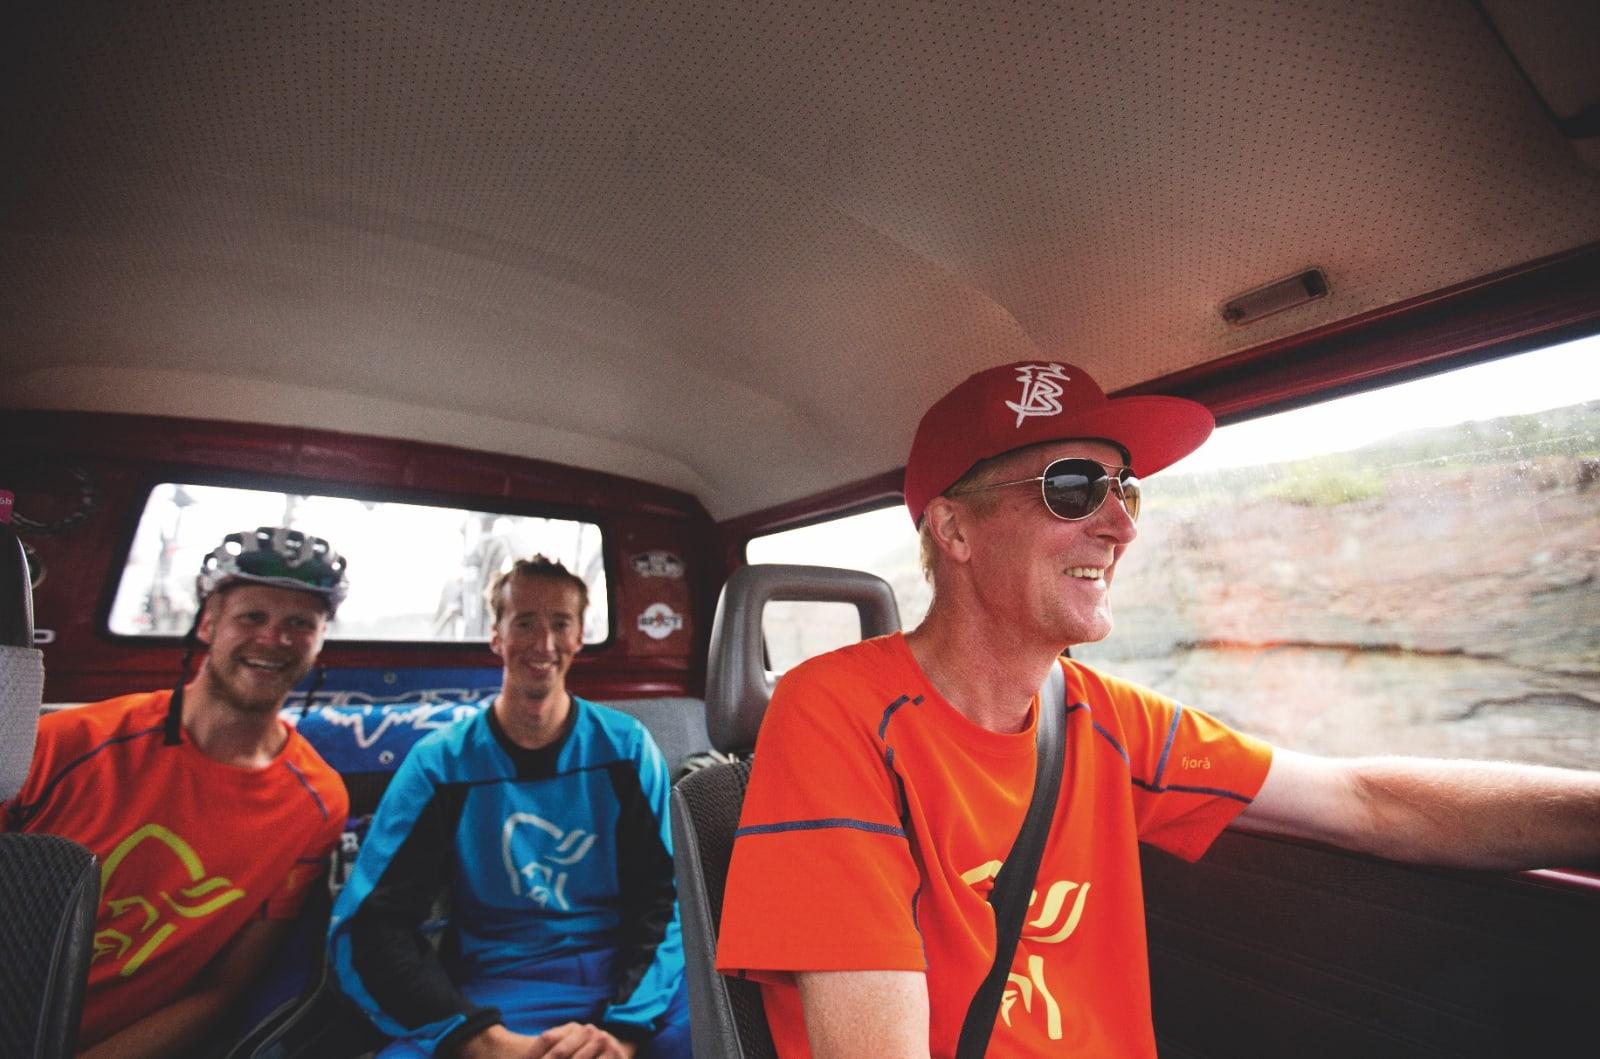 SOSIAL BIL: Sture Pettersen (t.h), Remi Einås og Per- Eivind Syvertsen forteller røverhistorier på vei hjem fra en fet stitur i Sverige.